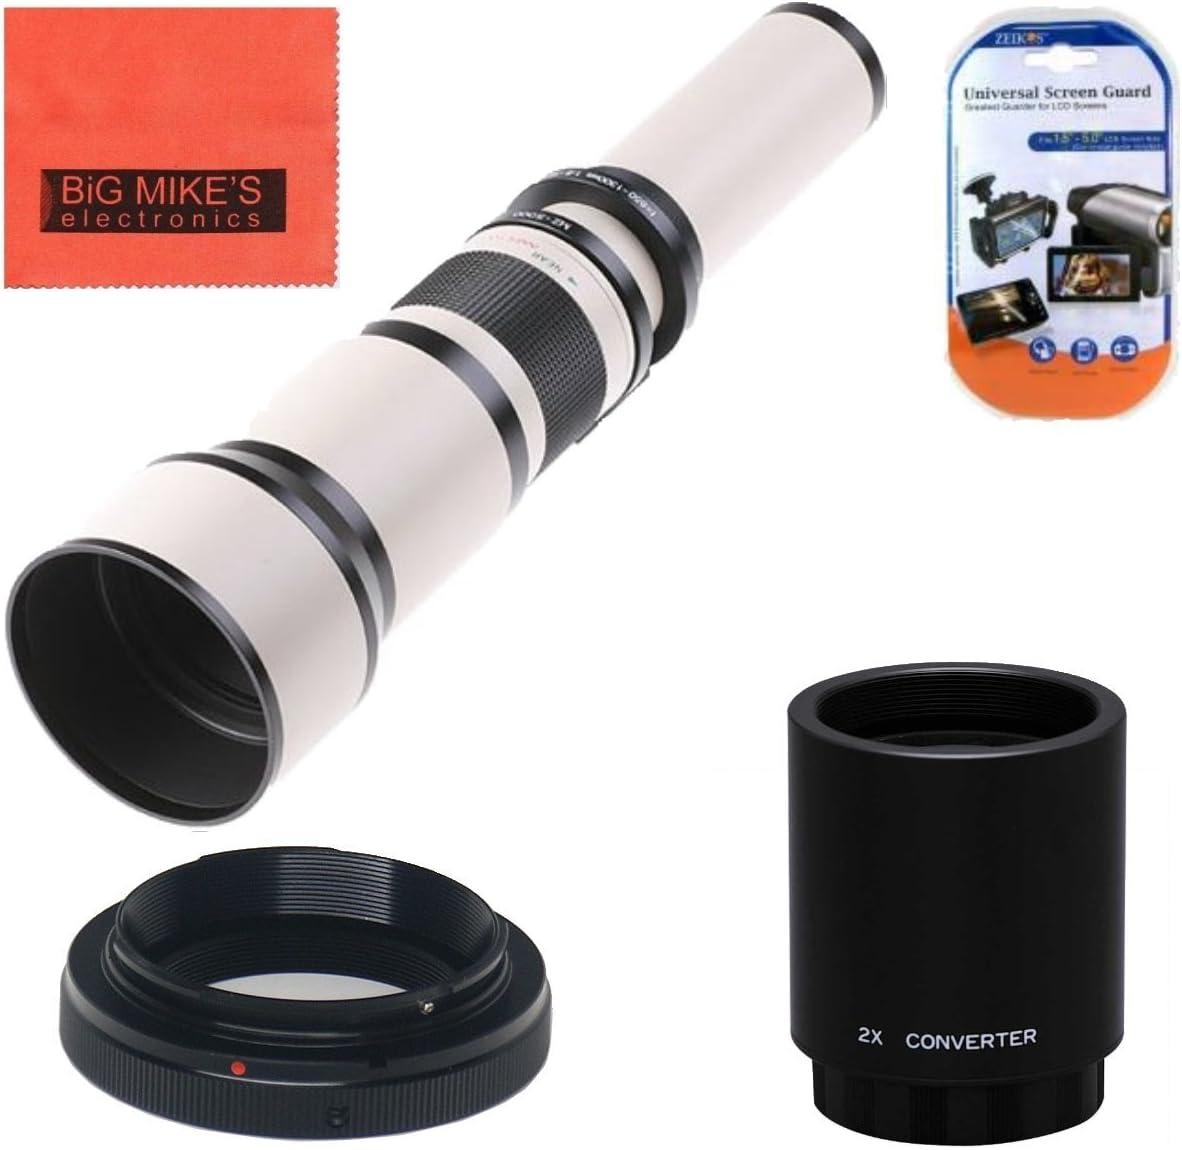 Long-Range 650mm-2600mm f/8 Telephoto Zoom Lens for Nikon DF, D3100, D3200, D3300, D5000, D5100, D5200, D5300, D5500, D7000, D7100, D7200, D300s, D600, D610, D700, D750, D800, D800e, D810, SLR Camera